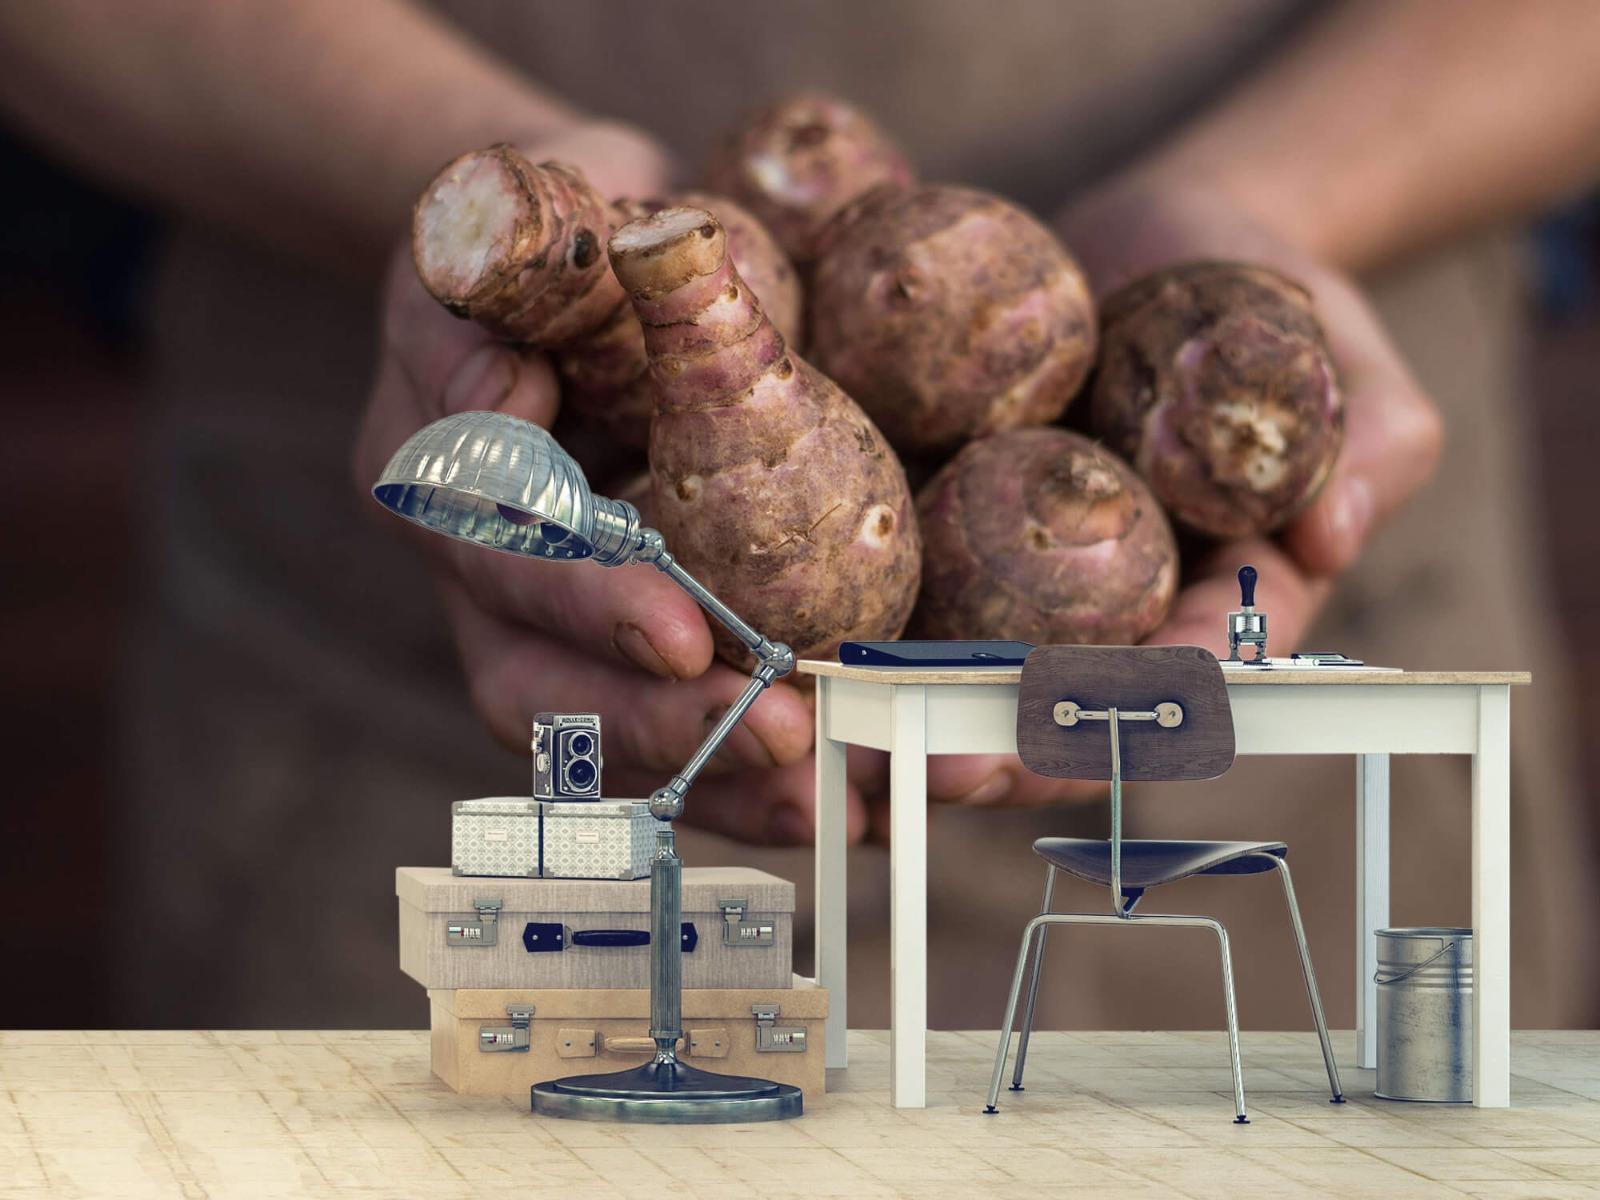 Overige - Aardproducten - Keuken 9